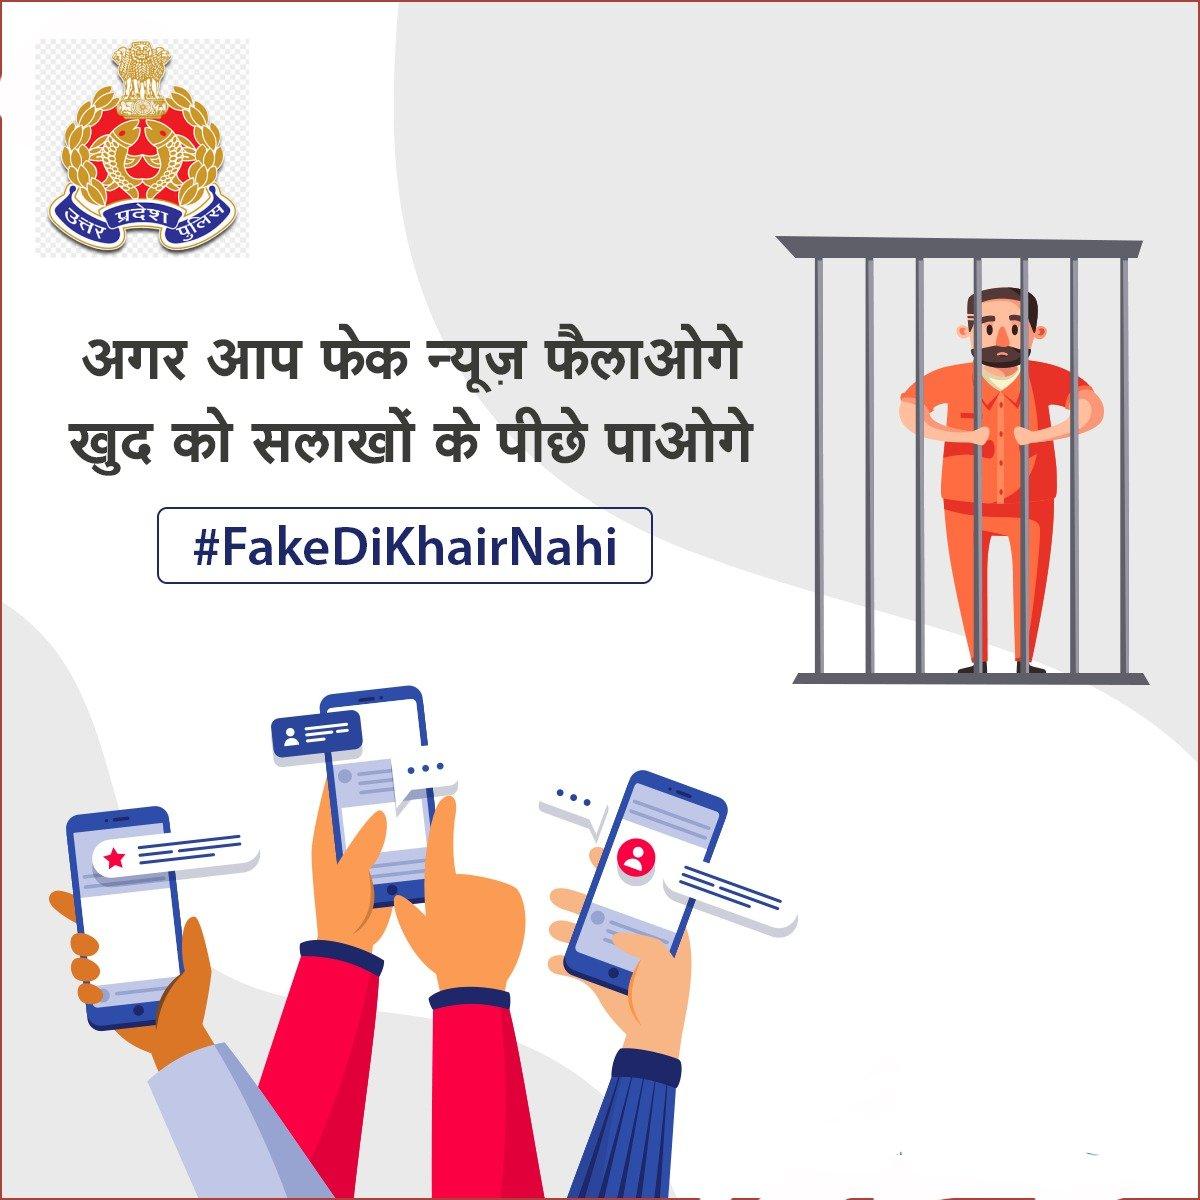 #Covid_19 #CoronavirusOutbreak अफवाहों से आमजन के साथ हम पत्रकारों को भी दिक्कत होती है, ऐसे में इसे रोकने के लिए हम लोगों ने चर्चा की ही थी कि यूपी पुलिस भी आ गई समर्थन में... #FakeNews  @Uppolice  @dgpup  @PIBHindi  @InfoDeptUP  @AwasthiAwanishK  @KumarAVPandey  @mishra_shani https://t.co/WGDnUItG6a https://t.co/xgNrHkv4iC